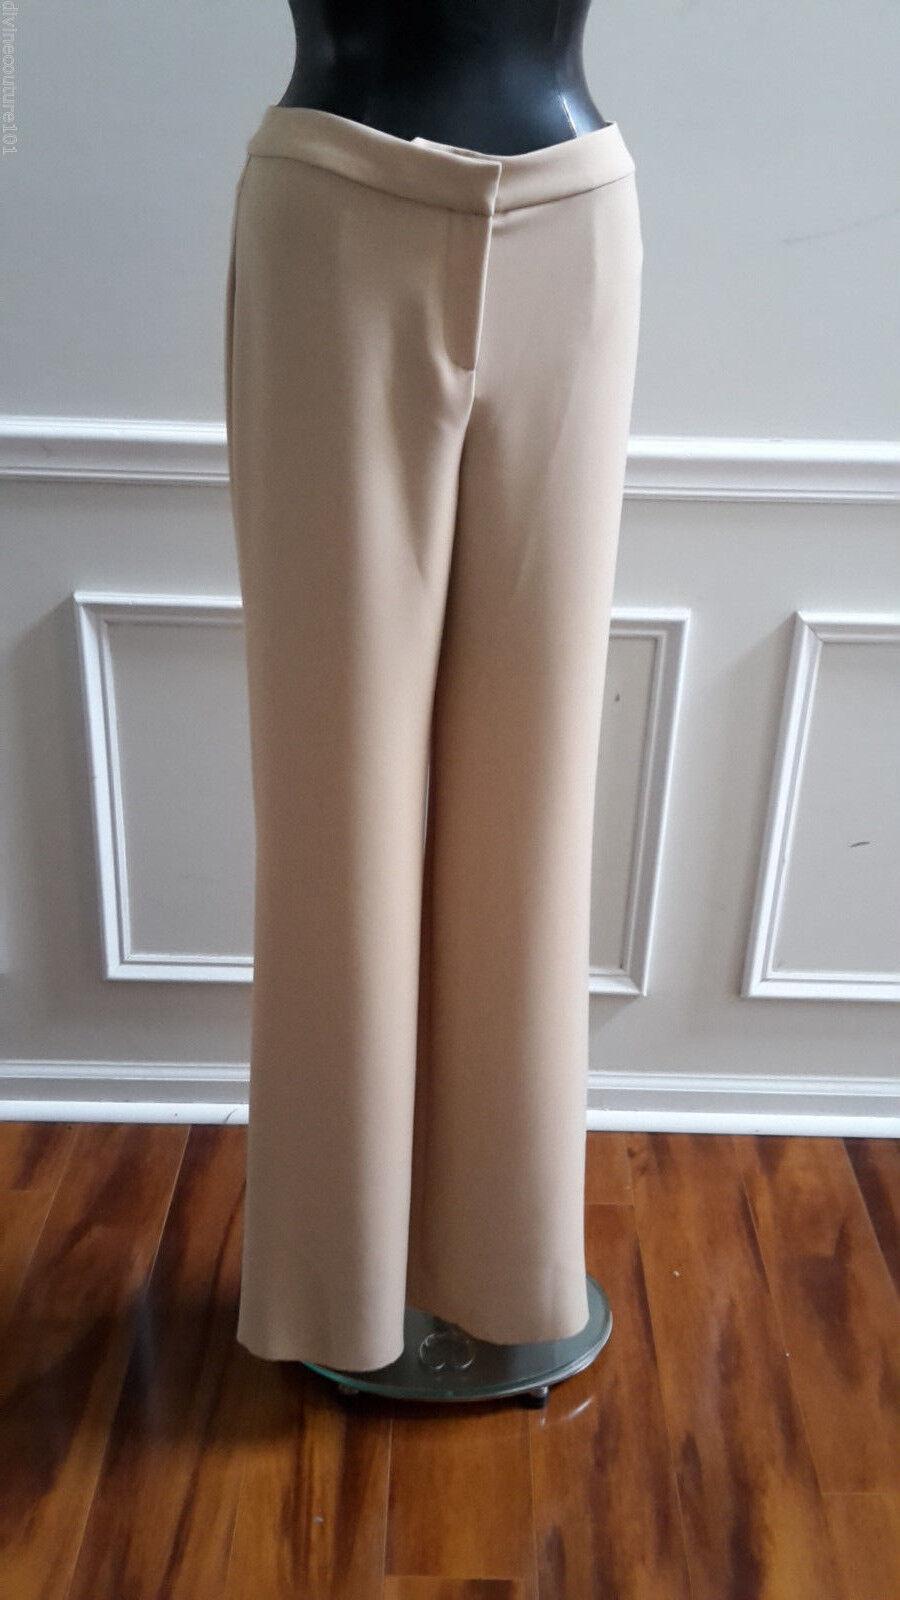 NEW ST.JOHN (ANISE) TAN DRESS PANT SIZE 4